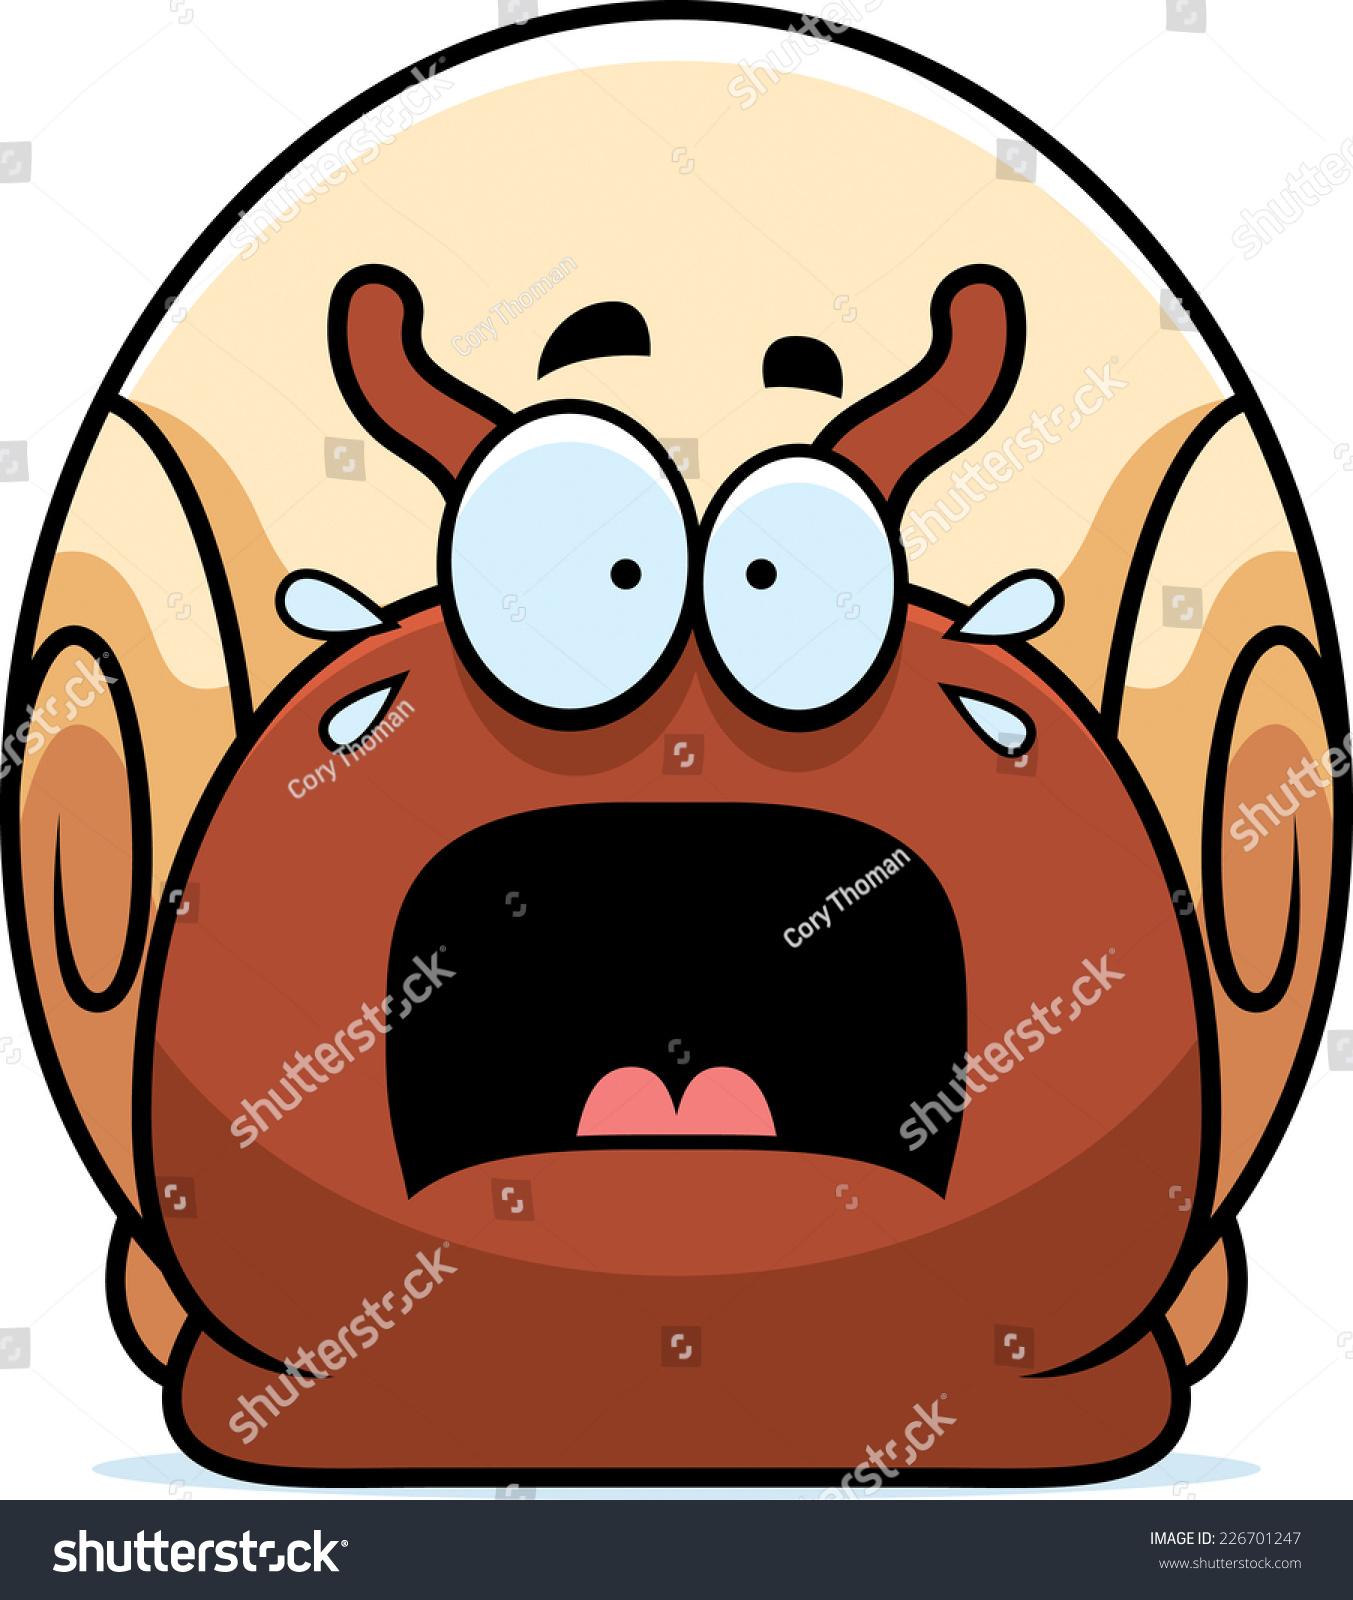 蜗牛的卡通插图看害怕.-动物/野生生物-海洛创意()-.